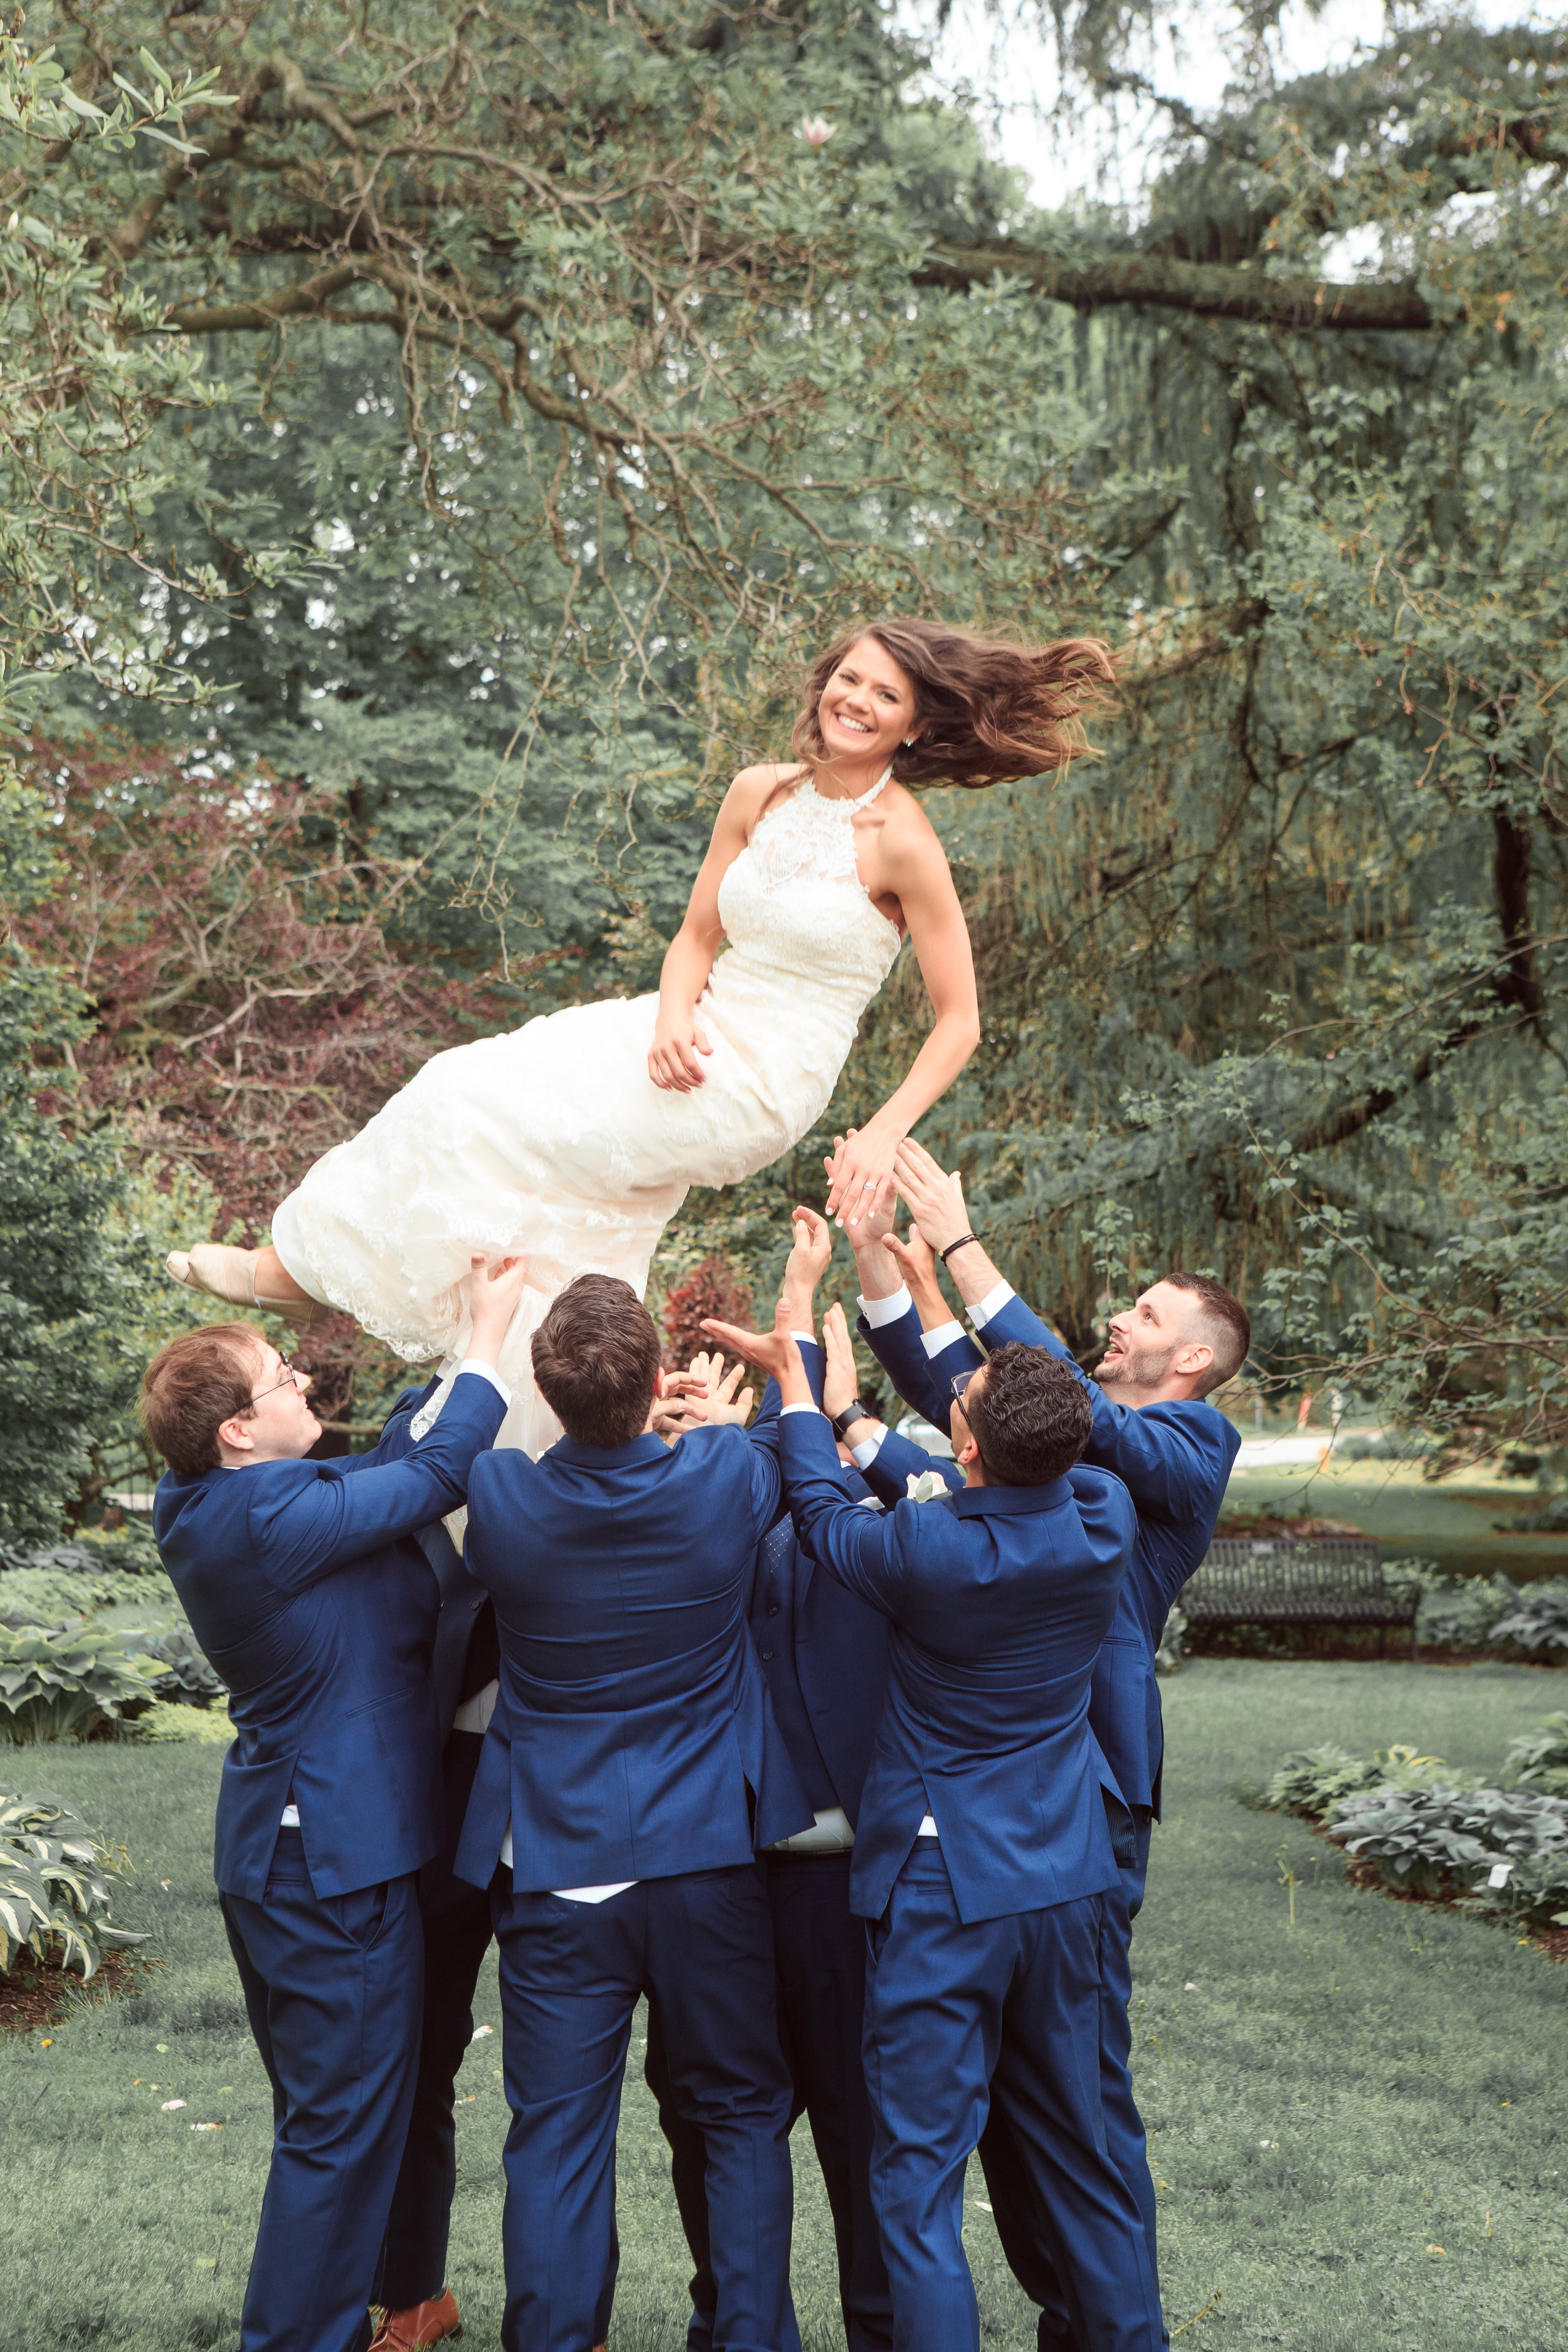 Throwing-bride-in-the-air-fun-wedding-pose-wih-groomsmen-with-bride.jpg